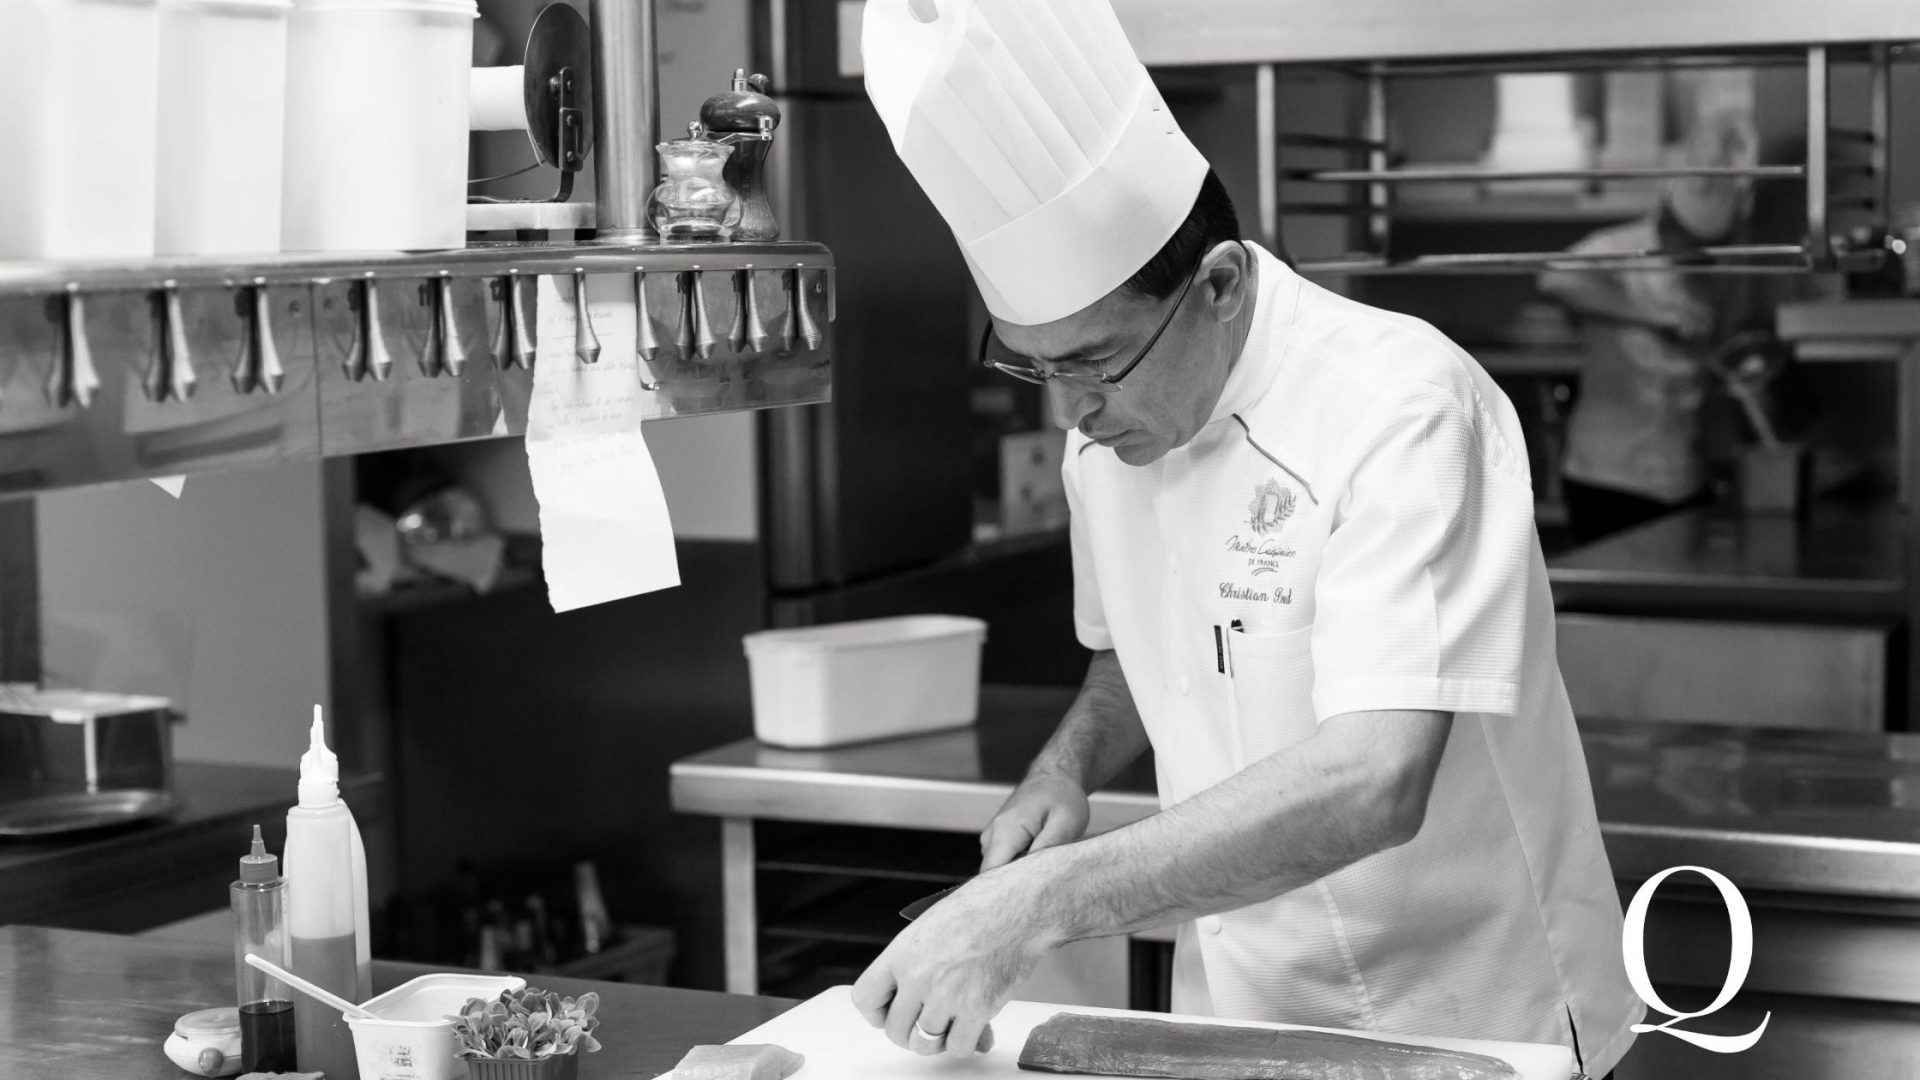 Christian Pilloud, Restaurant Mon Plaisir Le Meilleur Chez Vous